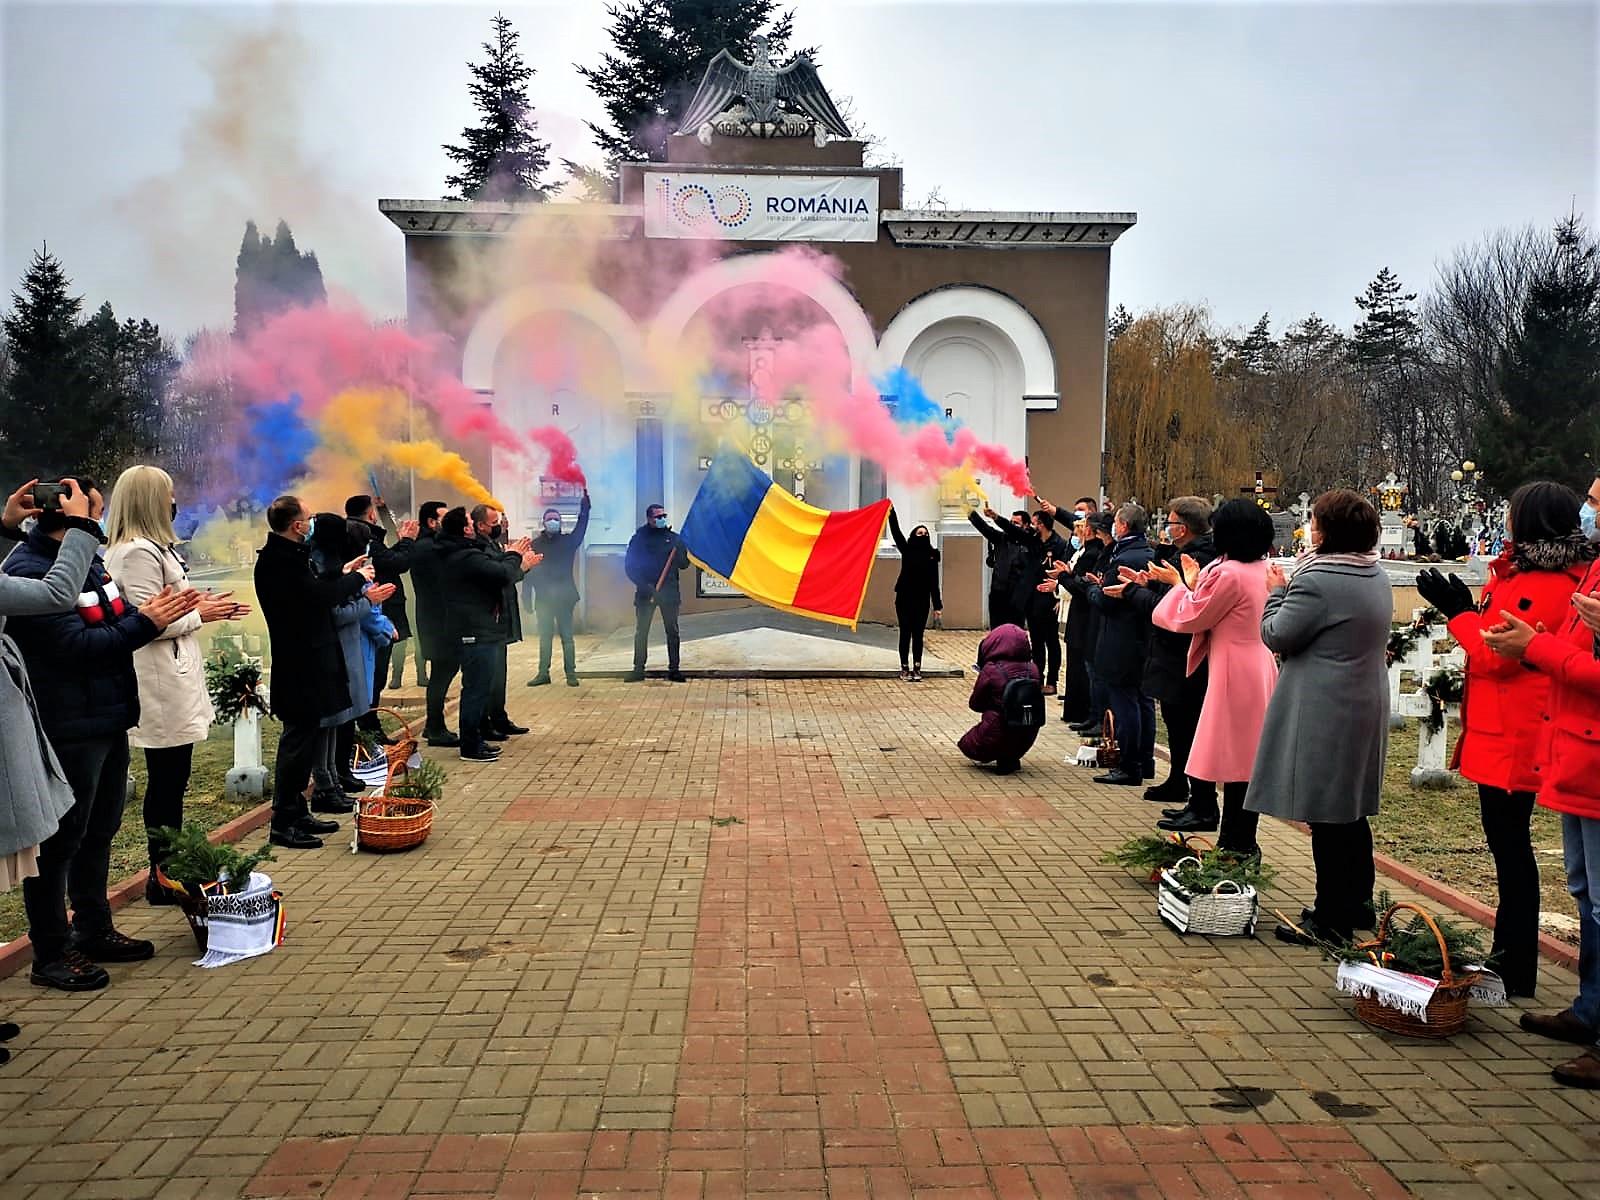 VIDEO/FOTO  În urmă cu 102 ani, români adevărați au făurit Unirea.  Membrii Organizației Județene PSD Botoșani au adus, astăzi, de ZIUA ROMÂNIEI, un omagiu eroilor noștri